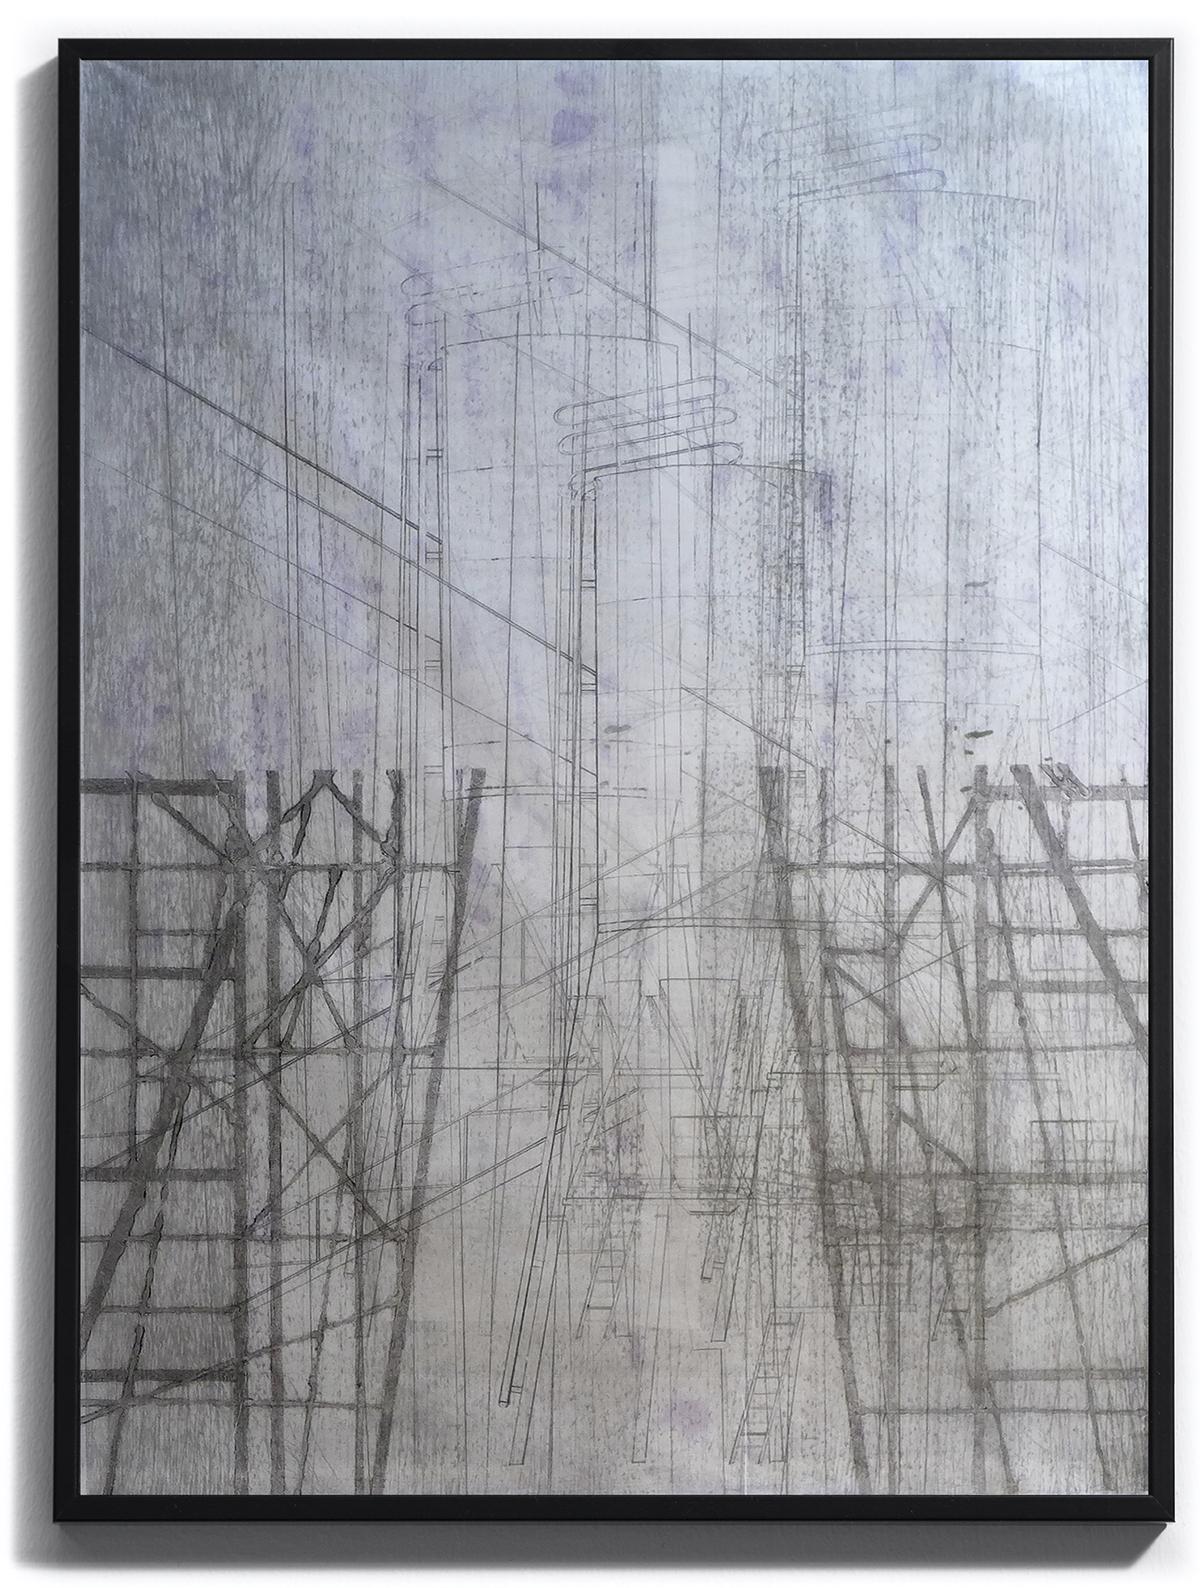 le long du fleuve une lueur ouatée, pièce unique sur papier Wenzhou 30g marouflé, monoprint. Techniques : pointe sèche, carborundum, blandine galtier ©